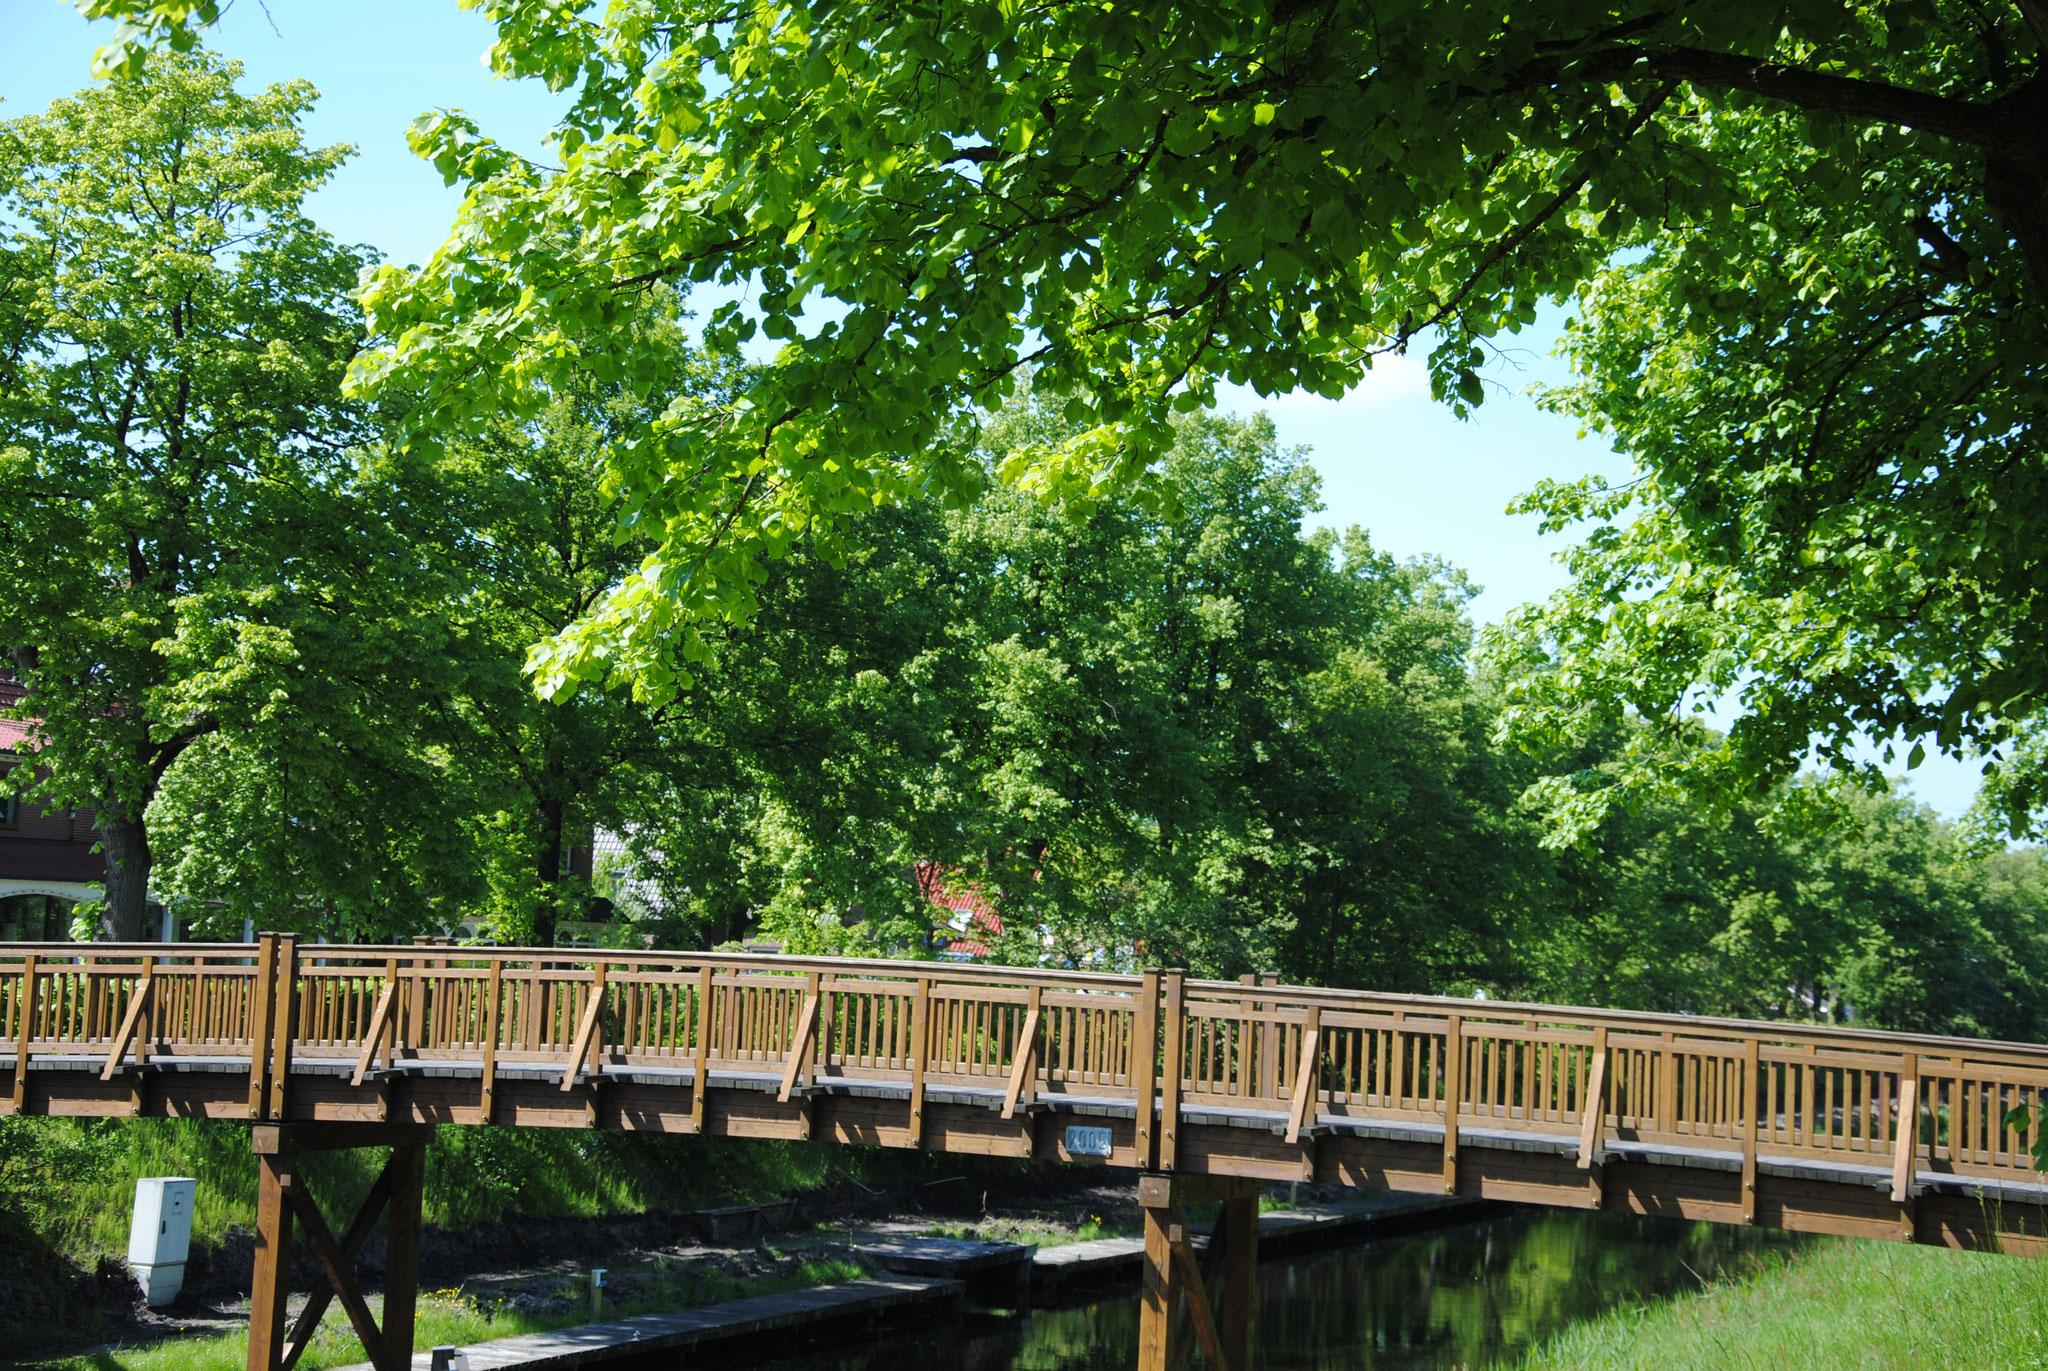 Brücke über den Ems-Jade-Kanal Wiesmoor Ostfriesland